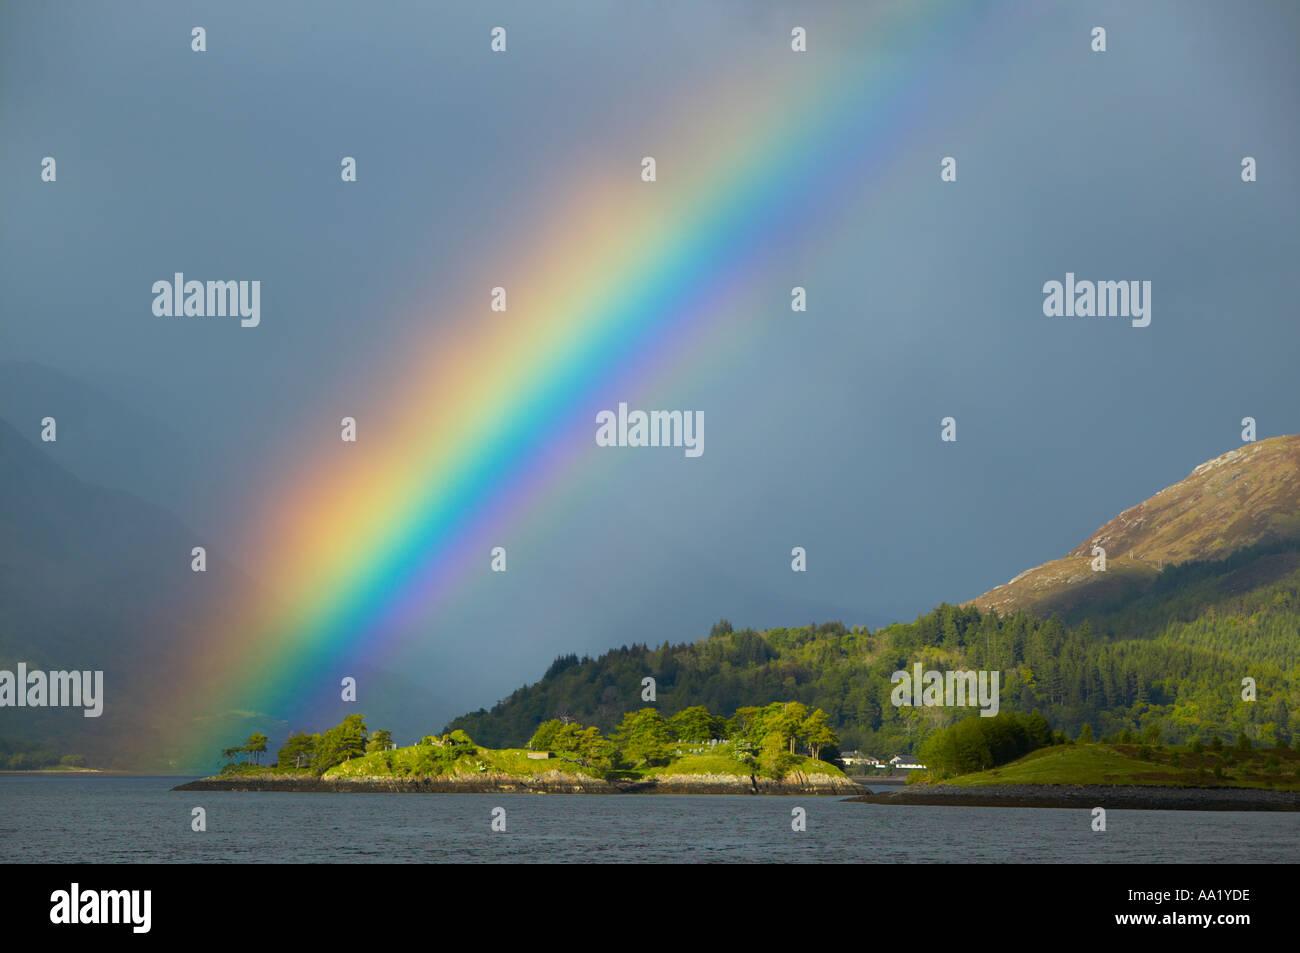 Loch Leven, in der Nähe von Glencoe, Lochaber, Highland, Schottland. Regenbogen Stockbild